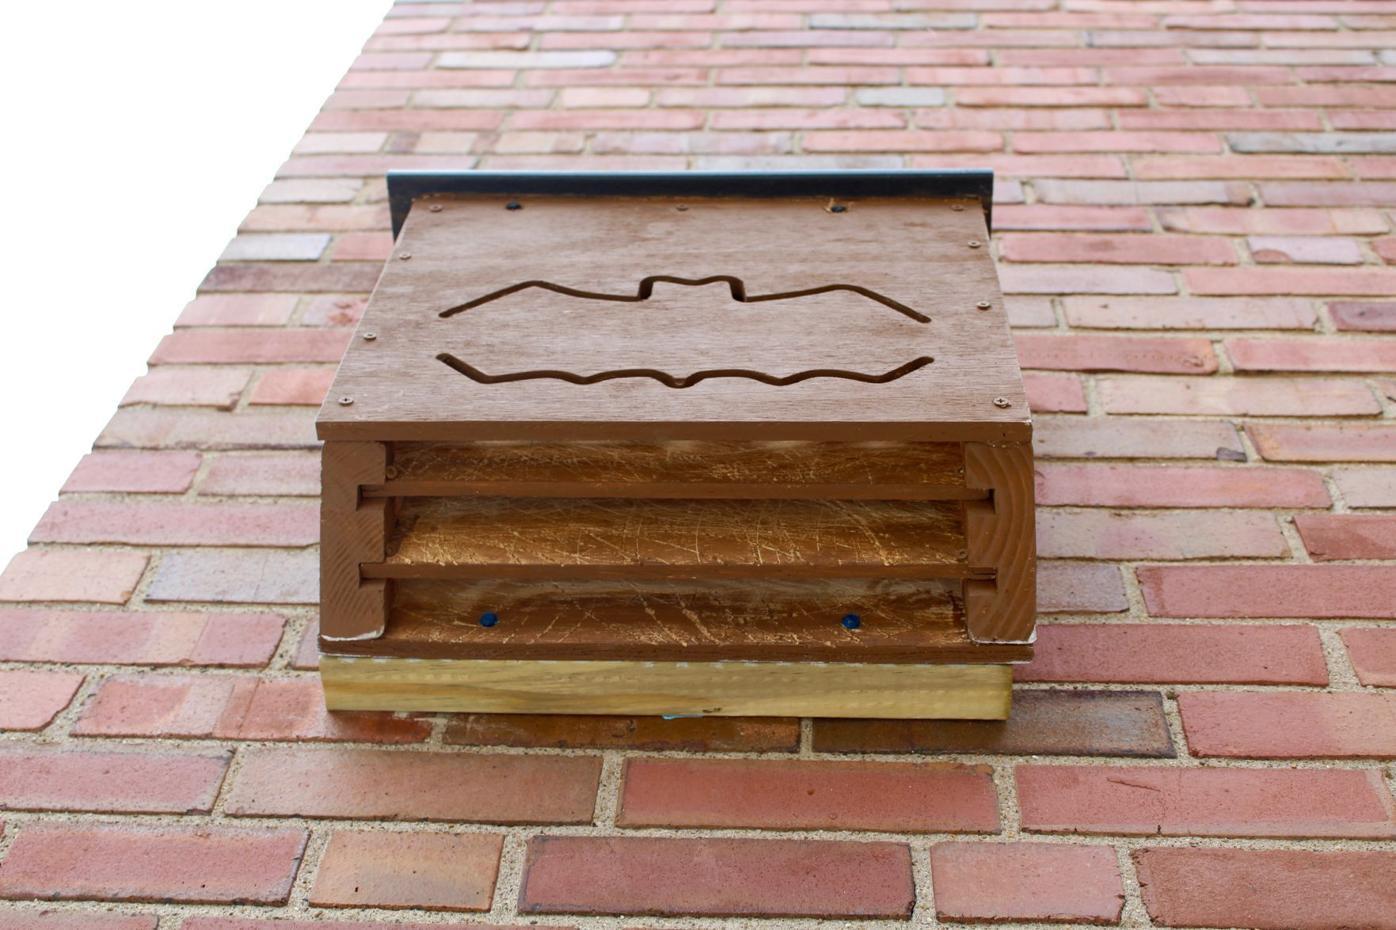 Bat dwelling